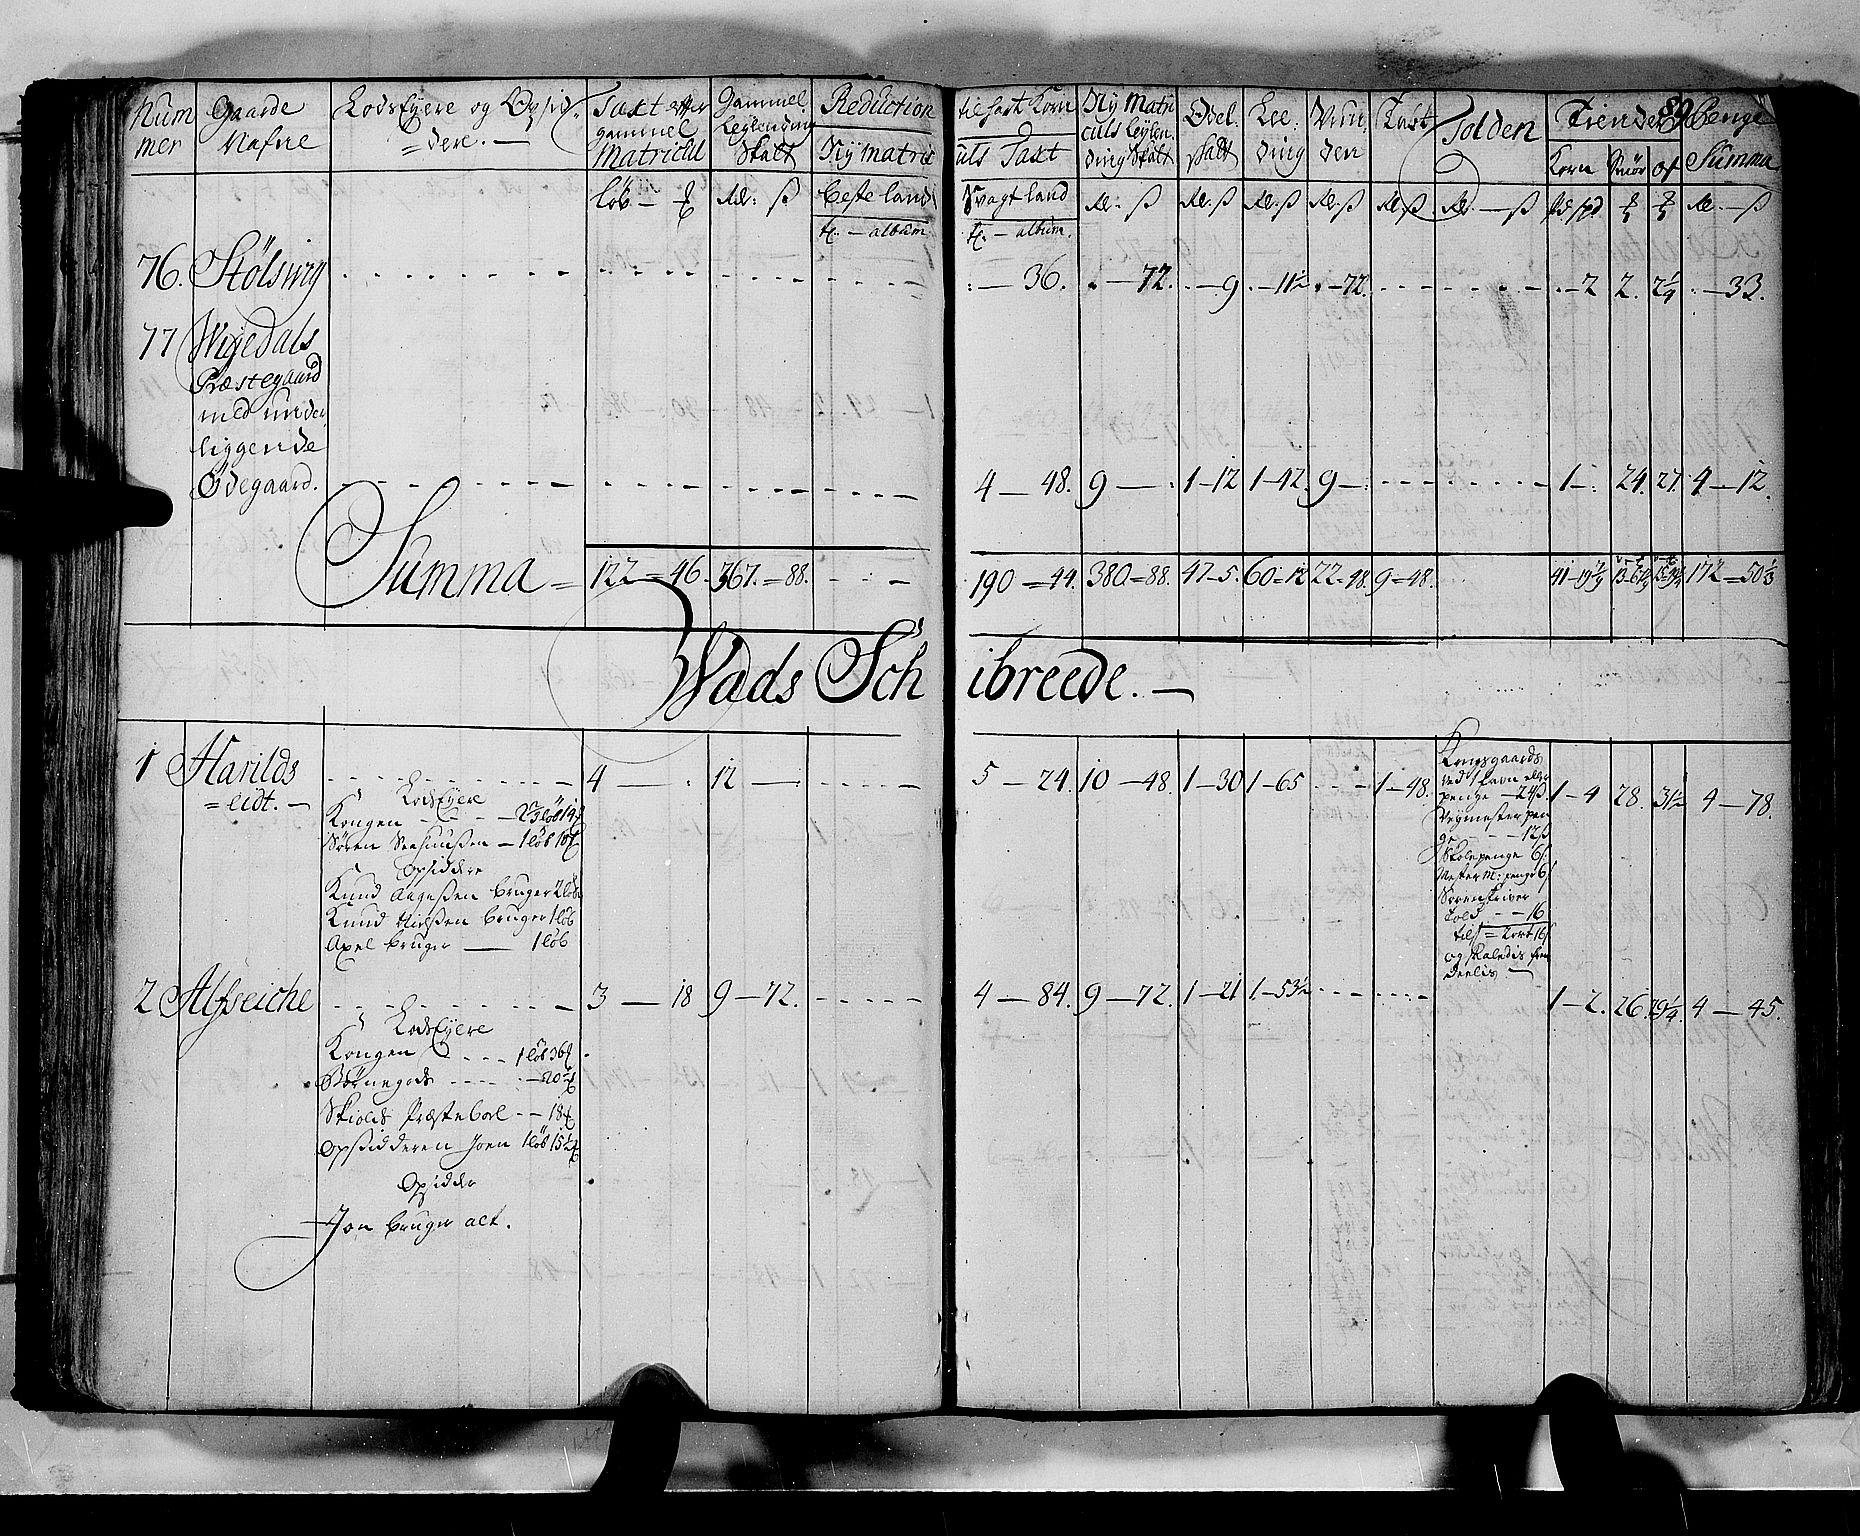 RA, Rentekammeret inntil 1814, Realistisk ordnet avdeling, N/Nb/Nbf/L0133b: Ryfylke matrikkelprotokoll, 1723, s. 88b-89a